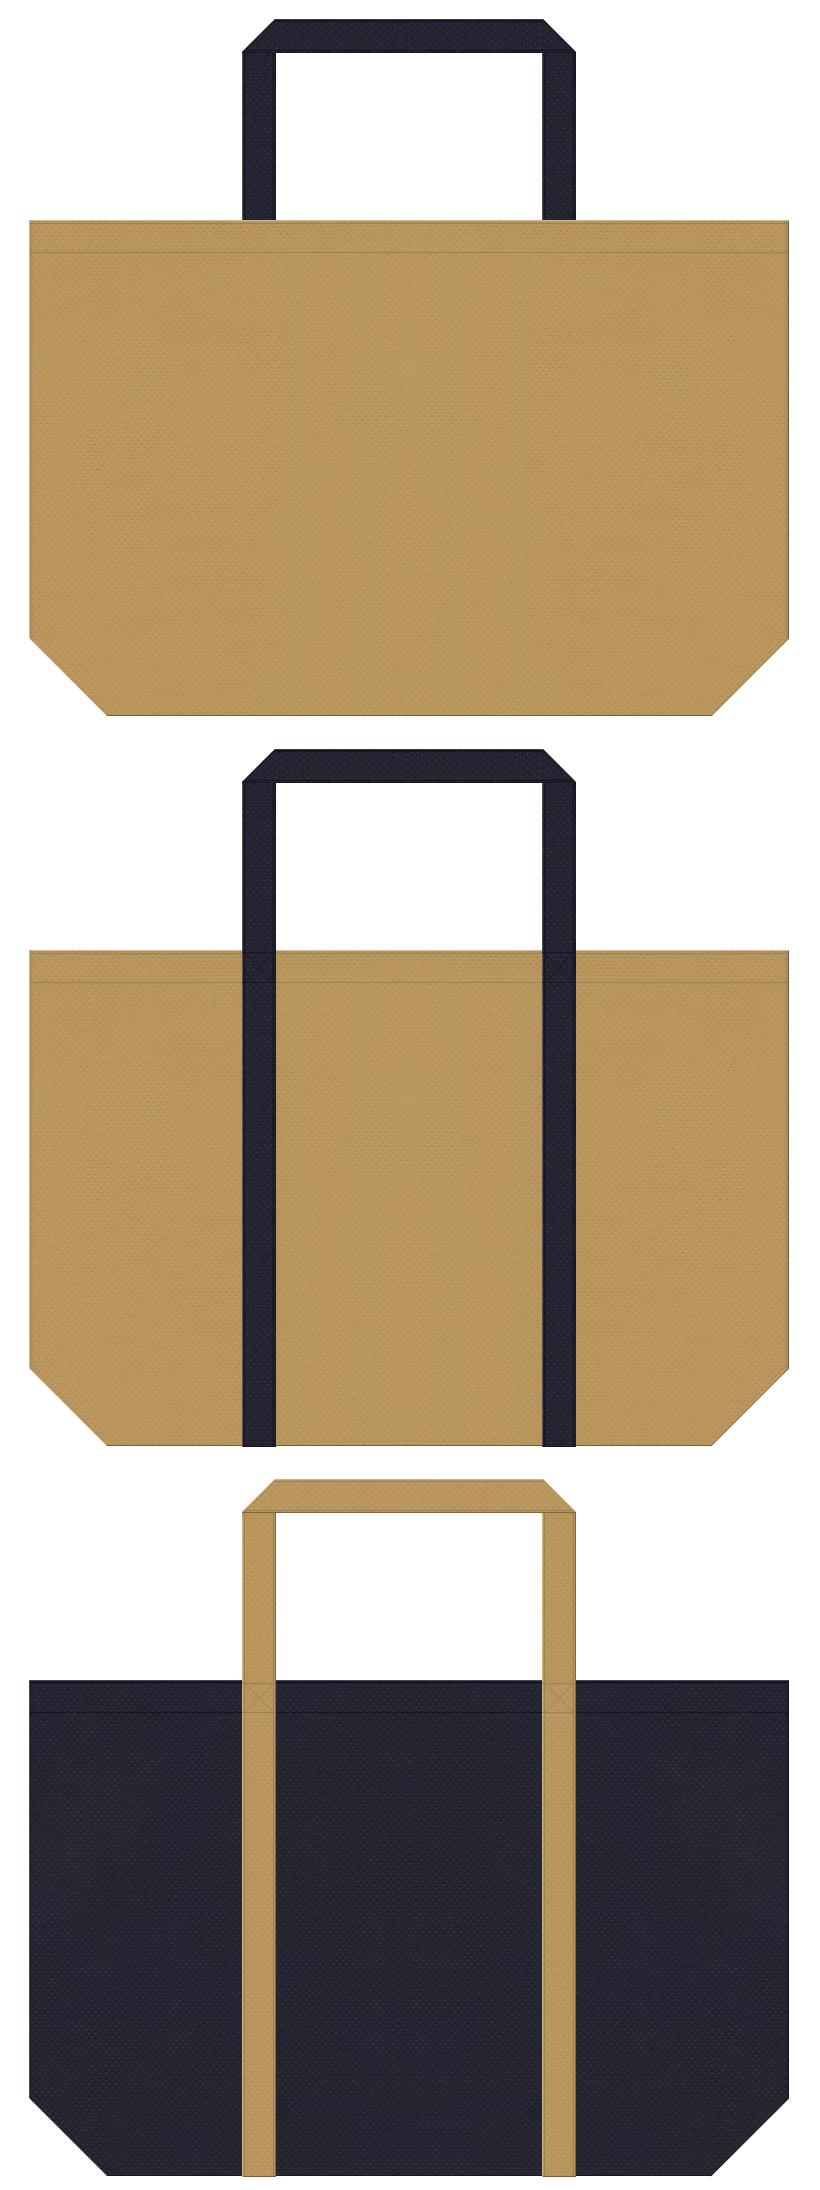 金色系黄土色と濃紺色の不織布バッグデザイン。カジュアル衣料のショッピングバッグにお奨めです。